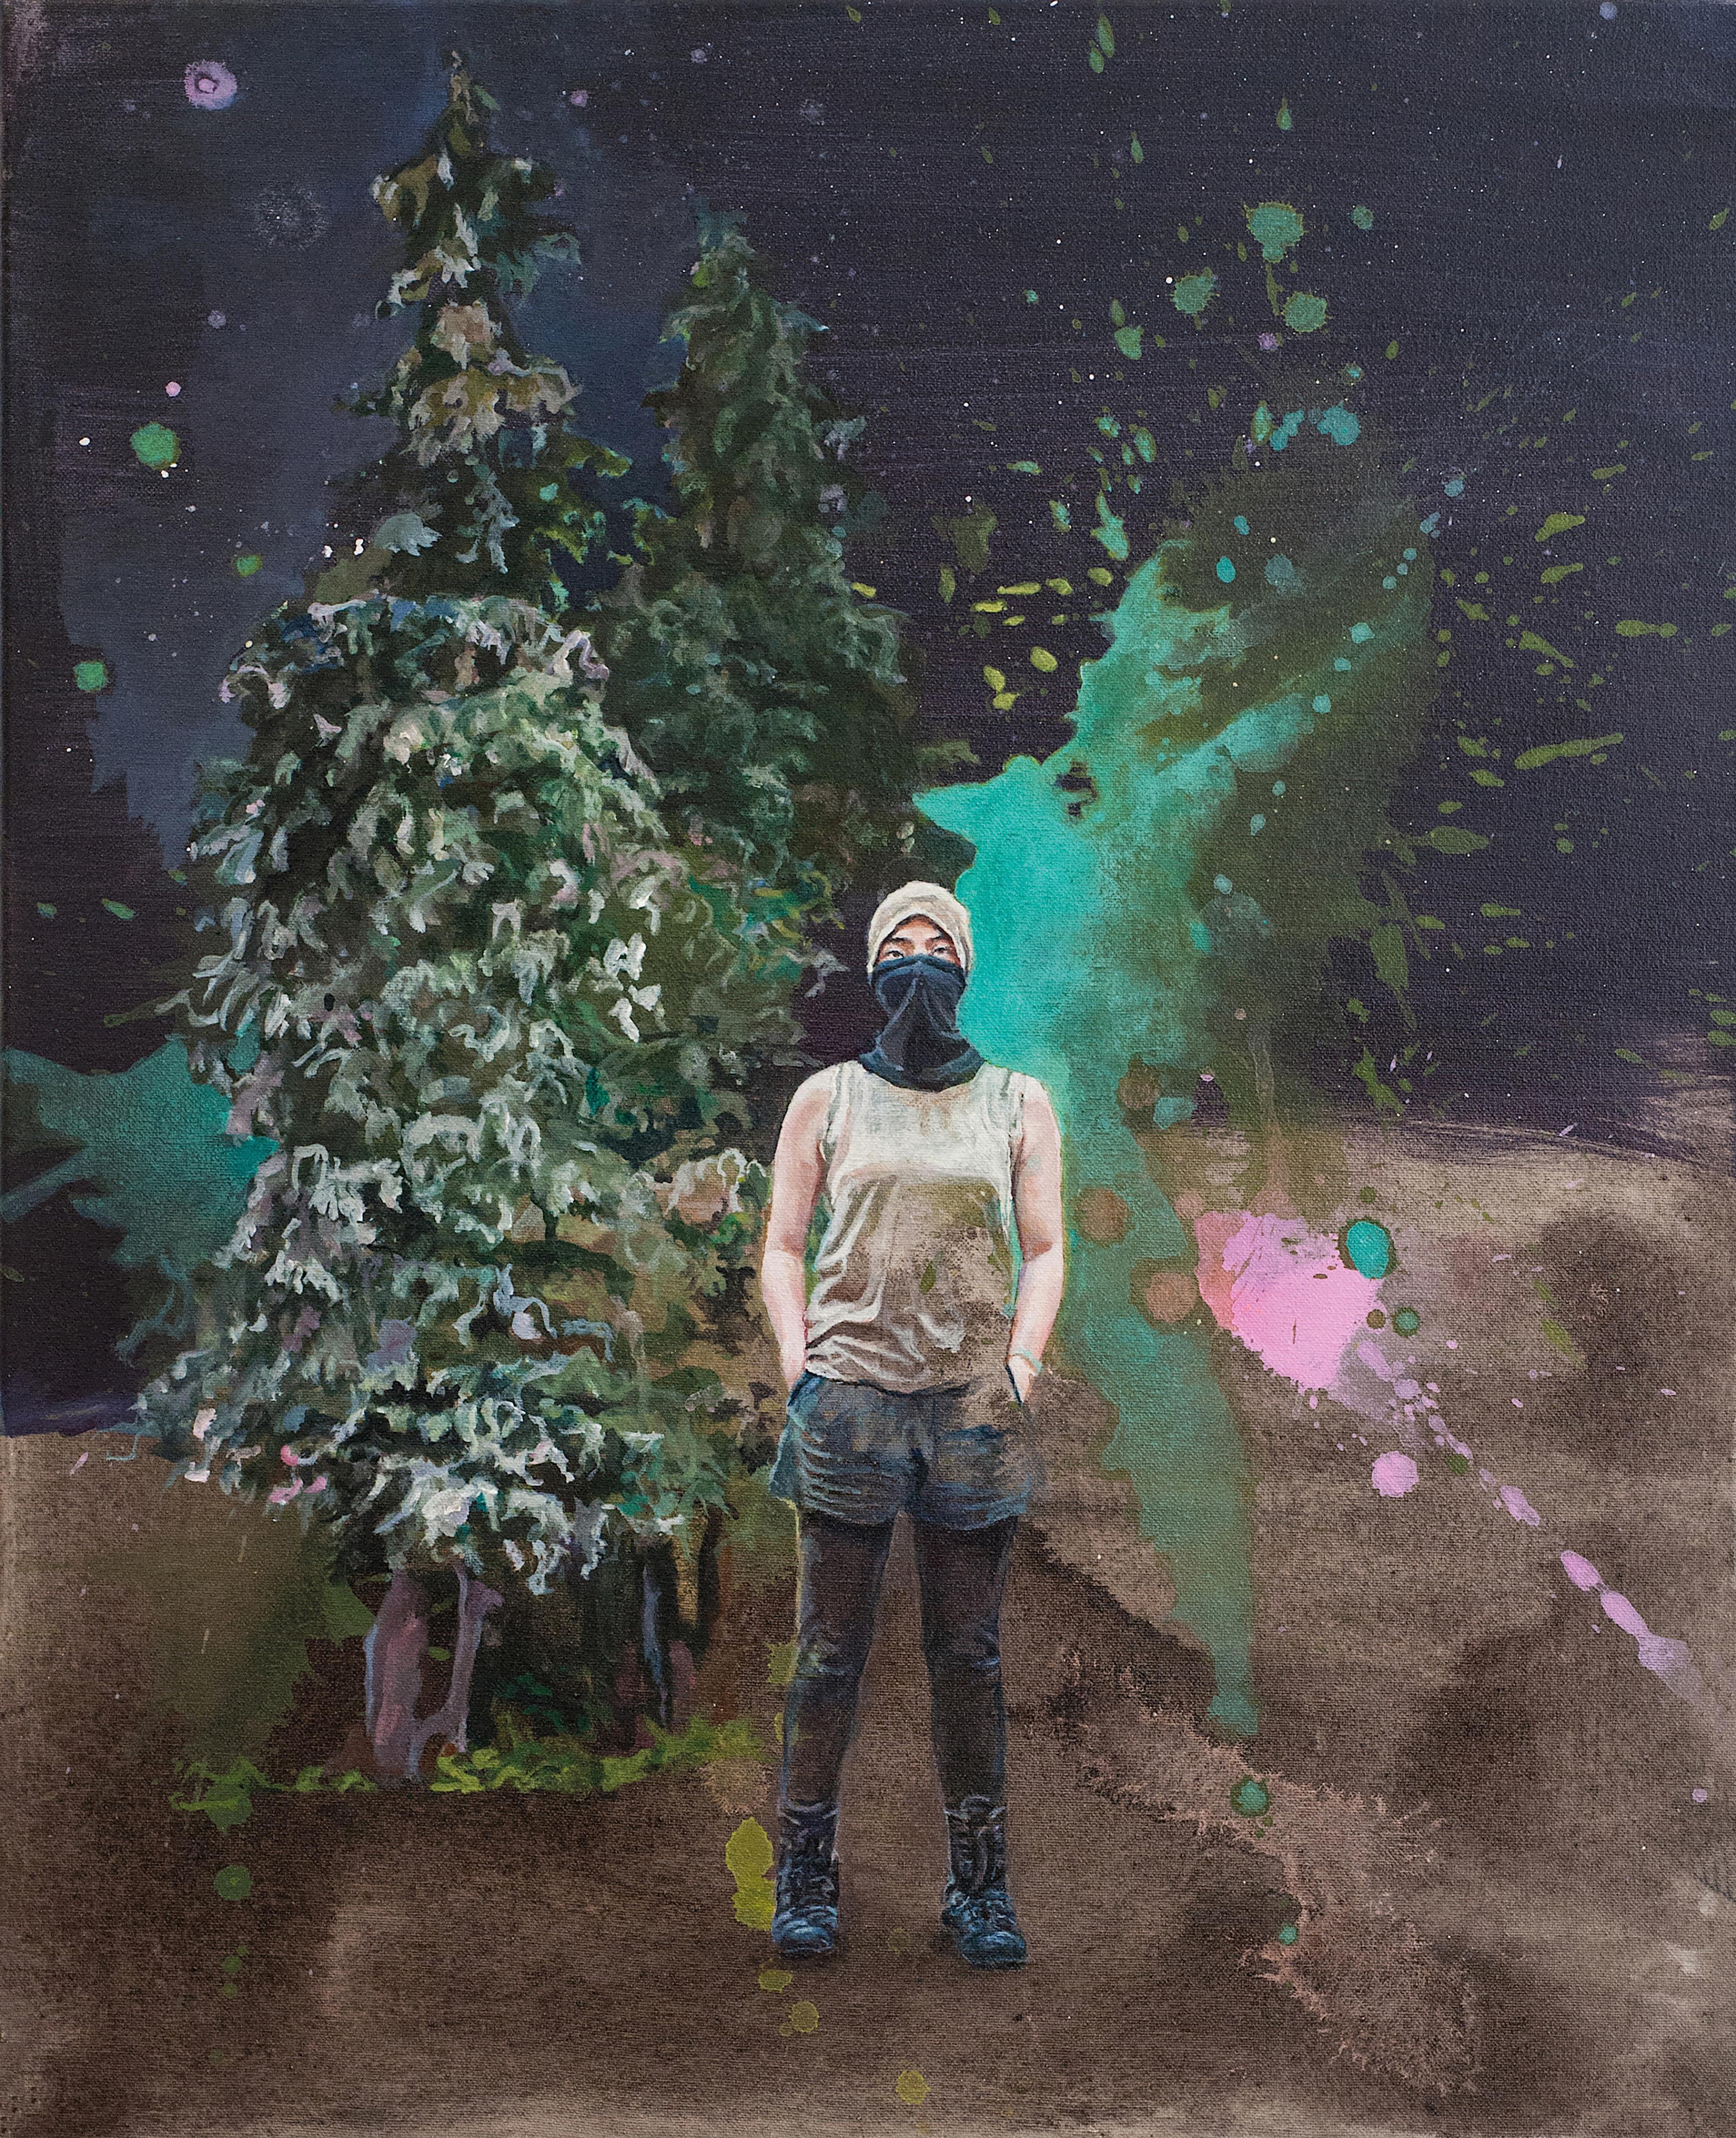 artwork Försterin by Birgit Klerch